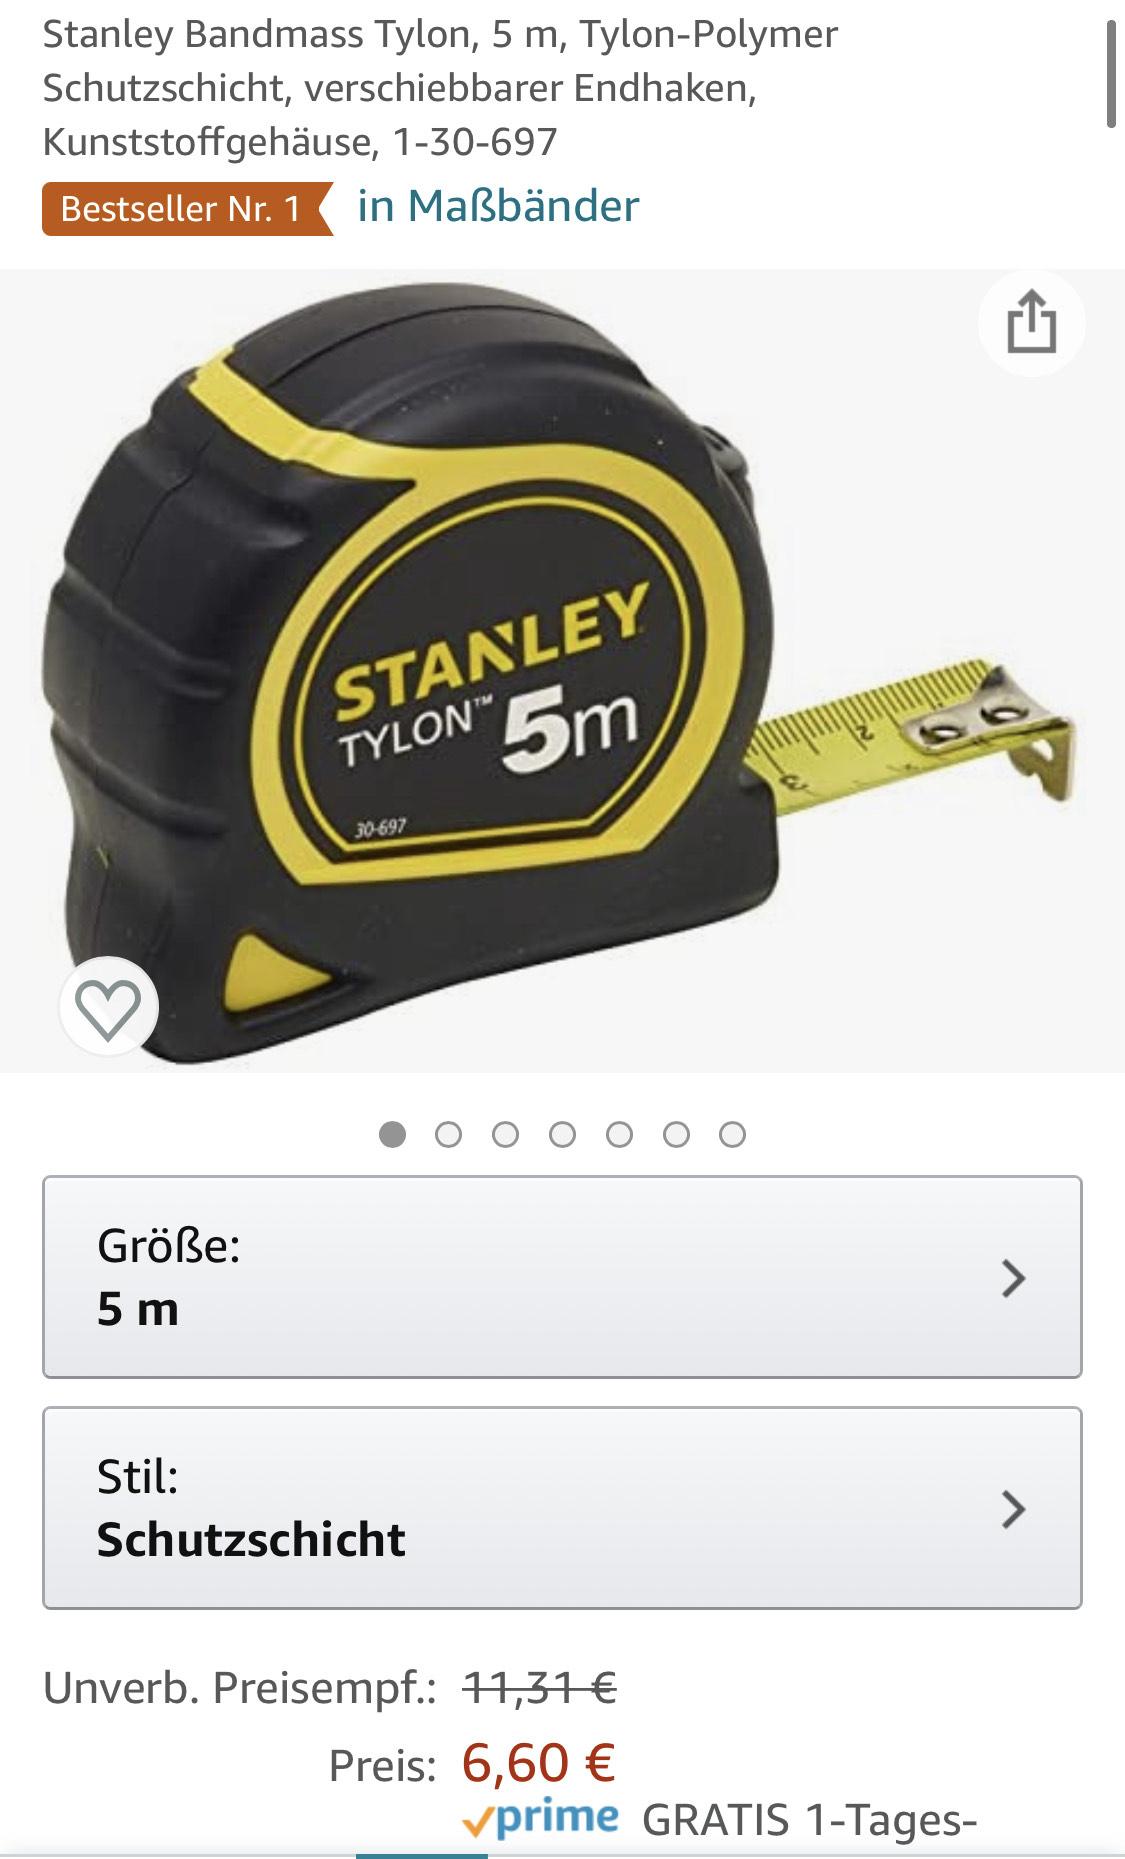 Stanley Bandmaß Tylon (5m)